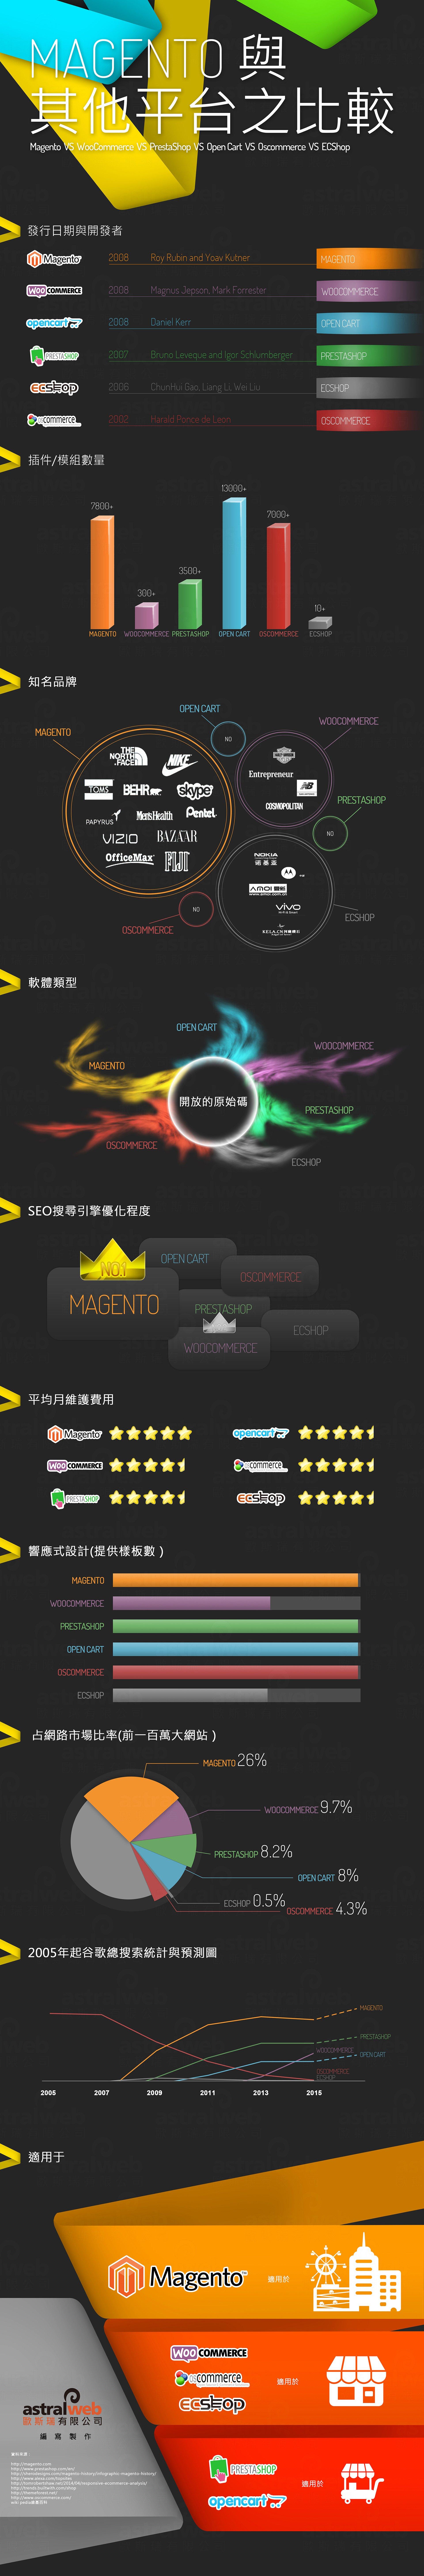 電商平台比較-magento、woocommerce、prestashop...